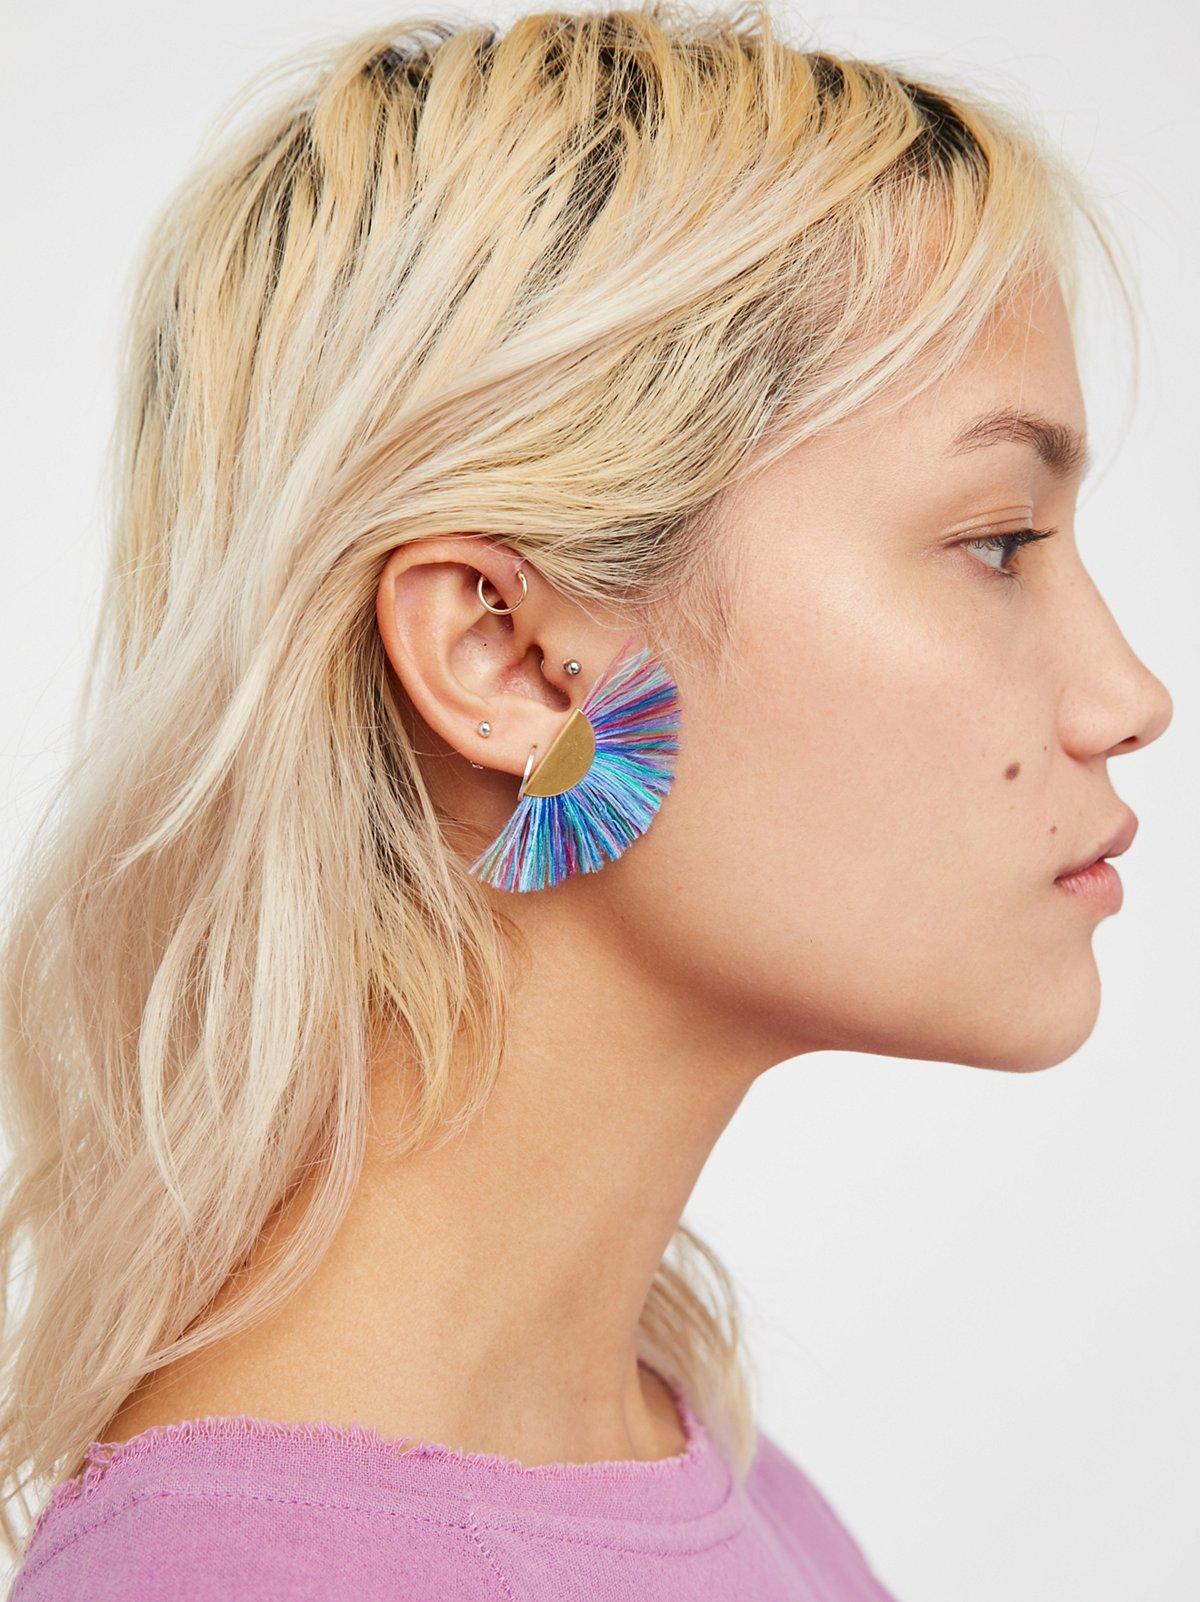 Tropicana扇形装饰耳钉